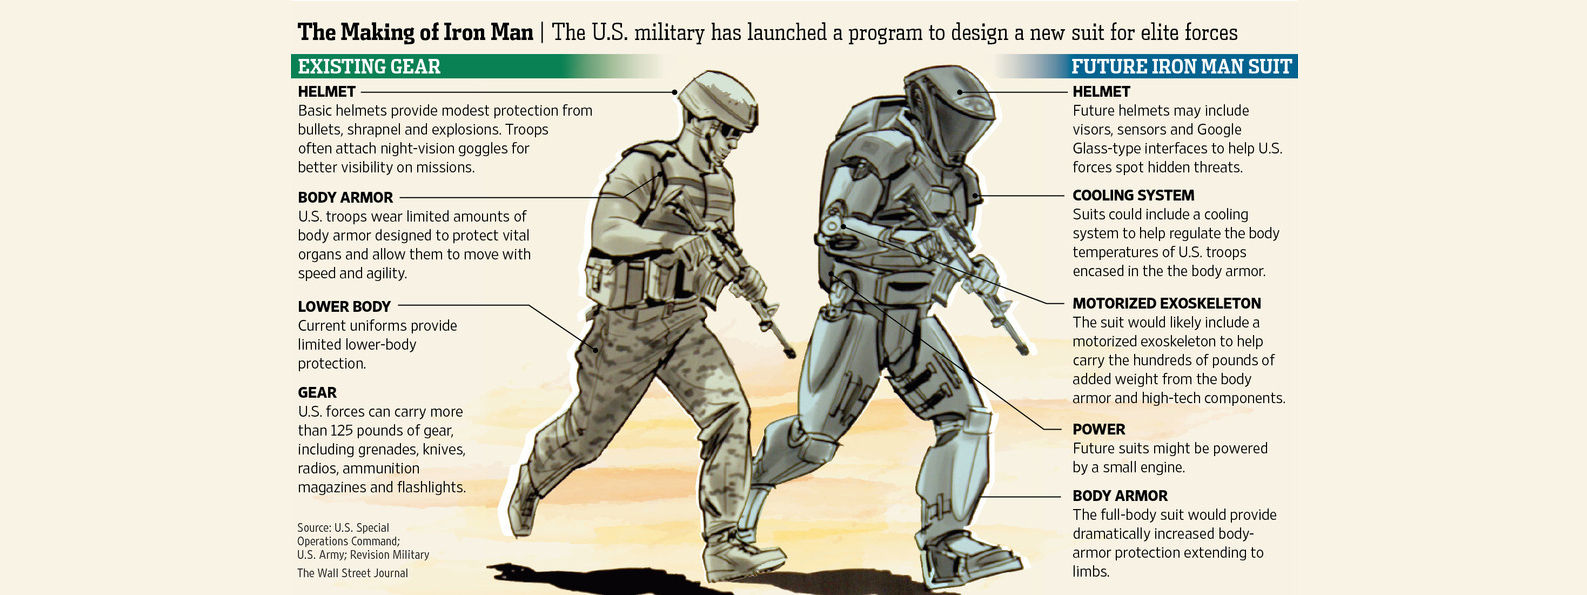 Американские военные наняли Голливуд для создания костюма Железного Человека - Shazoo